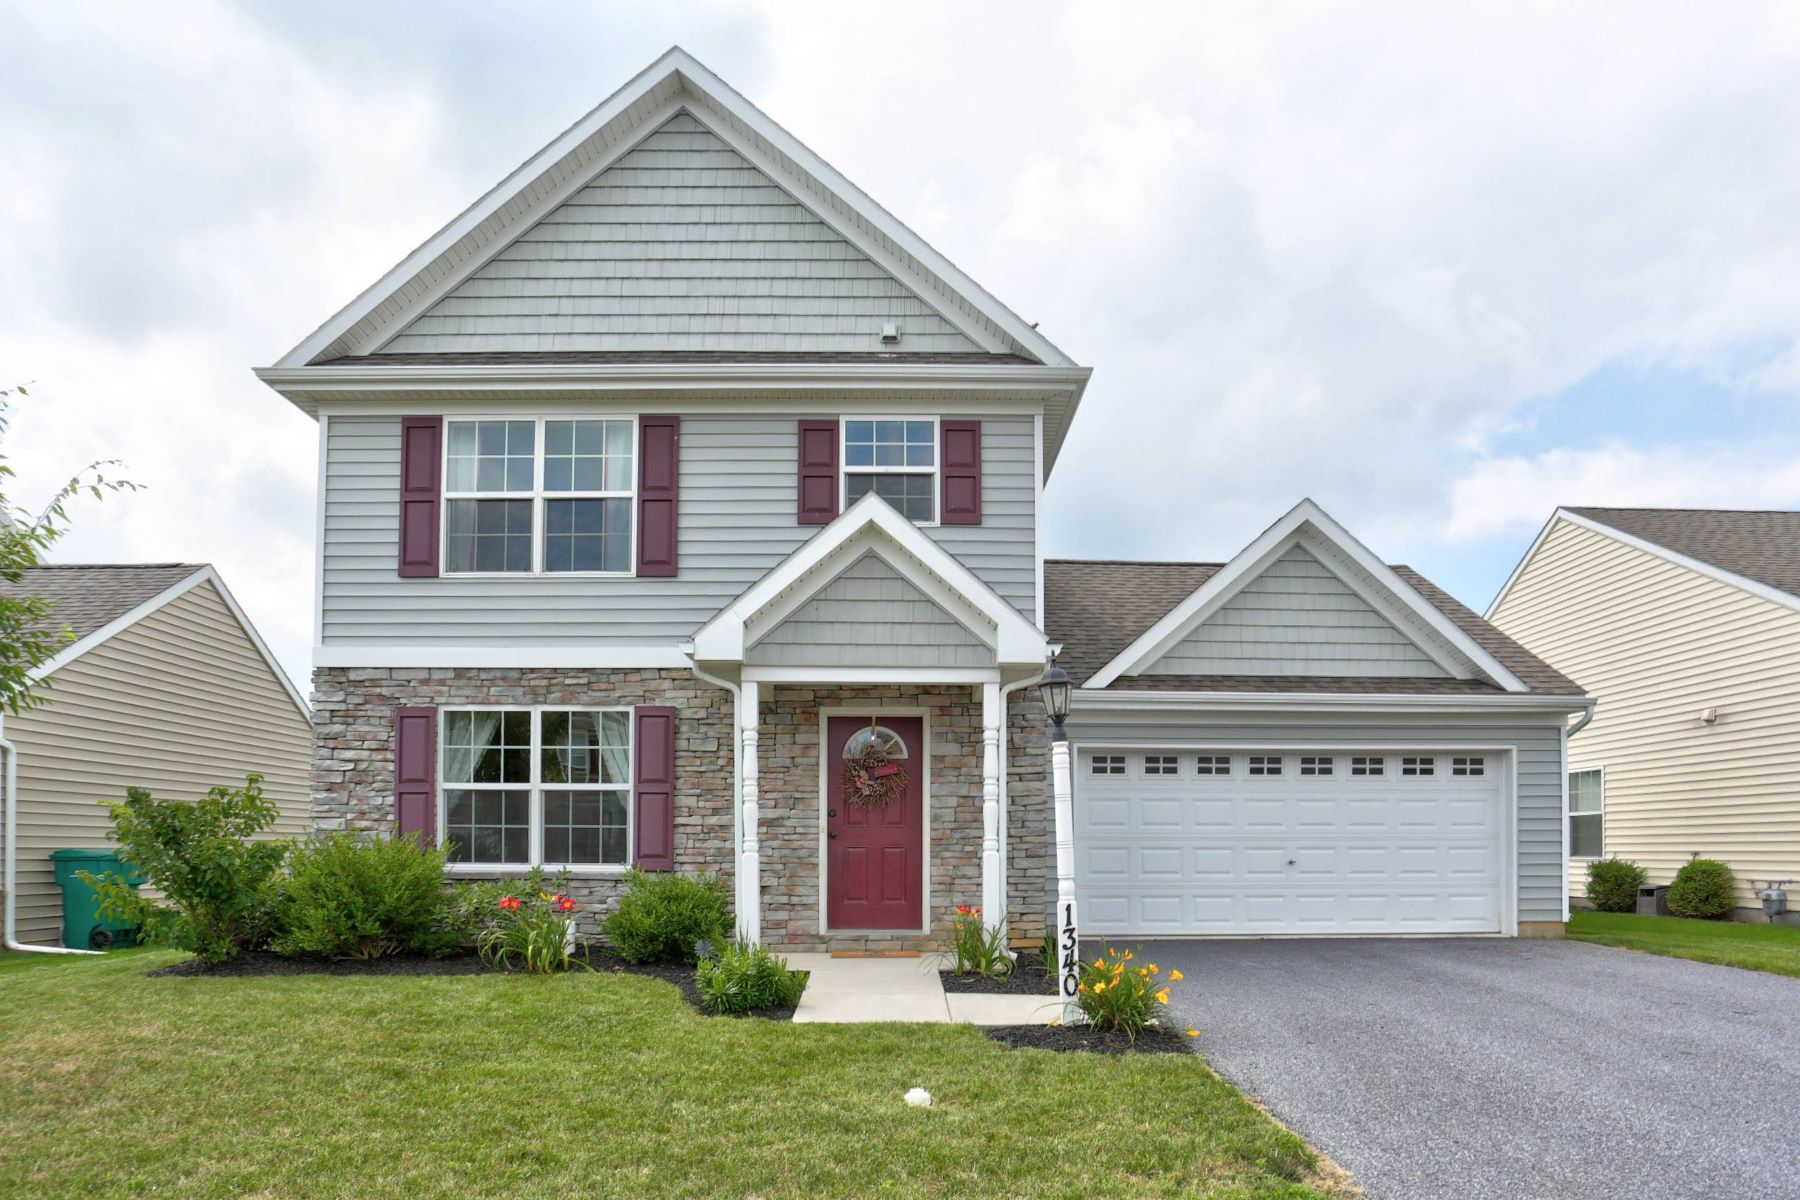 独户住宅 为 销售 在 1340 Heatherwood Drive 芒特乔伊, 宾夕法尼亚州, 17552 美国